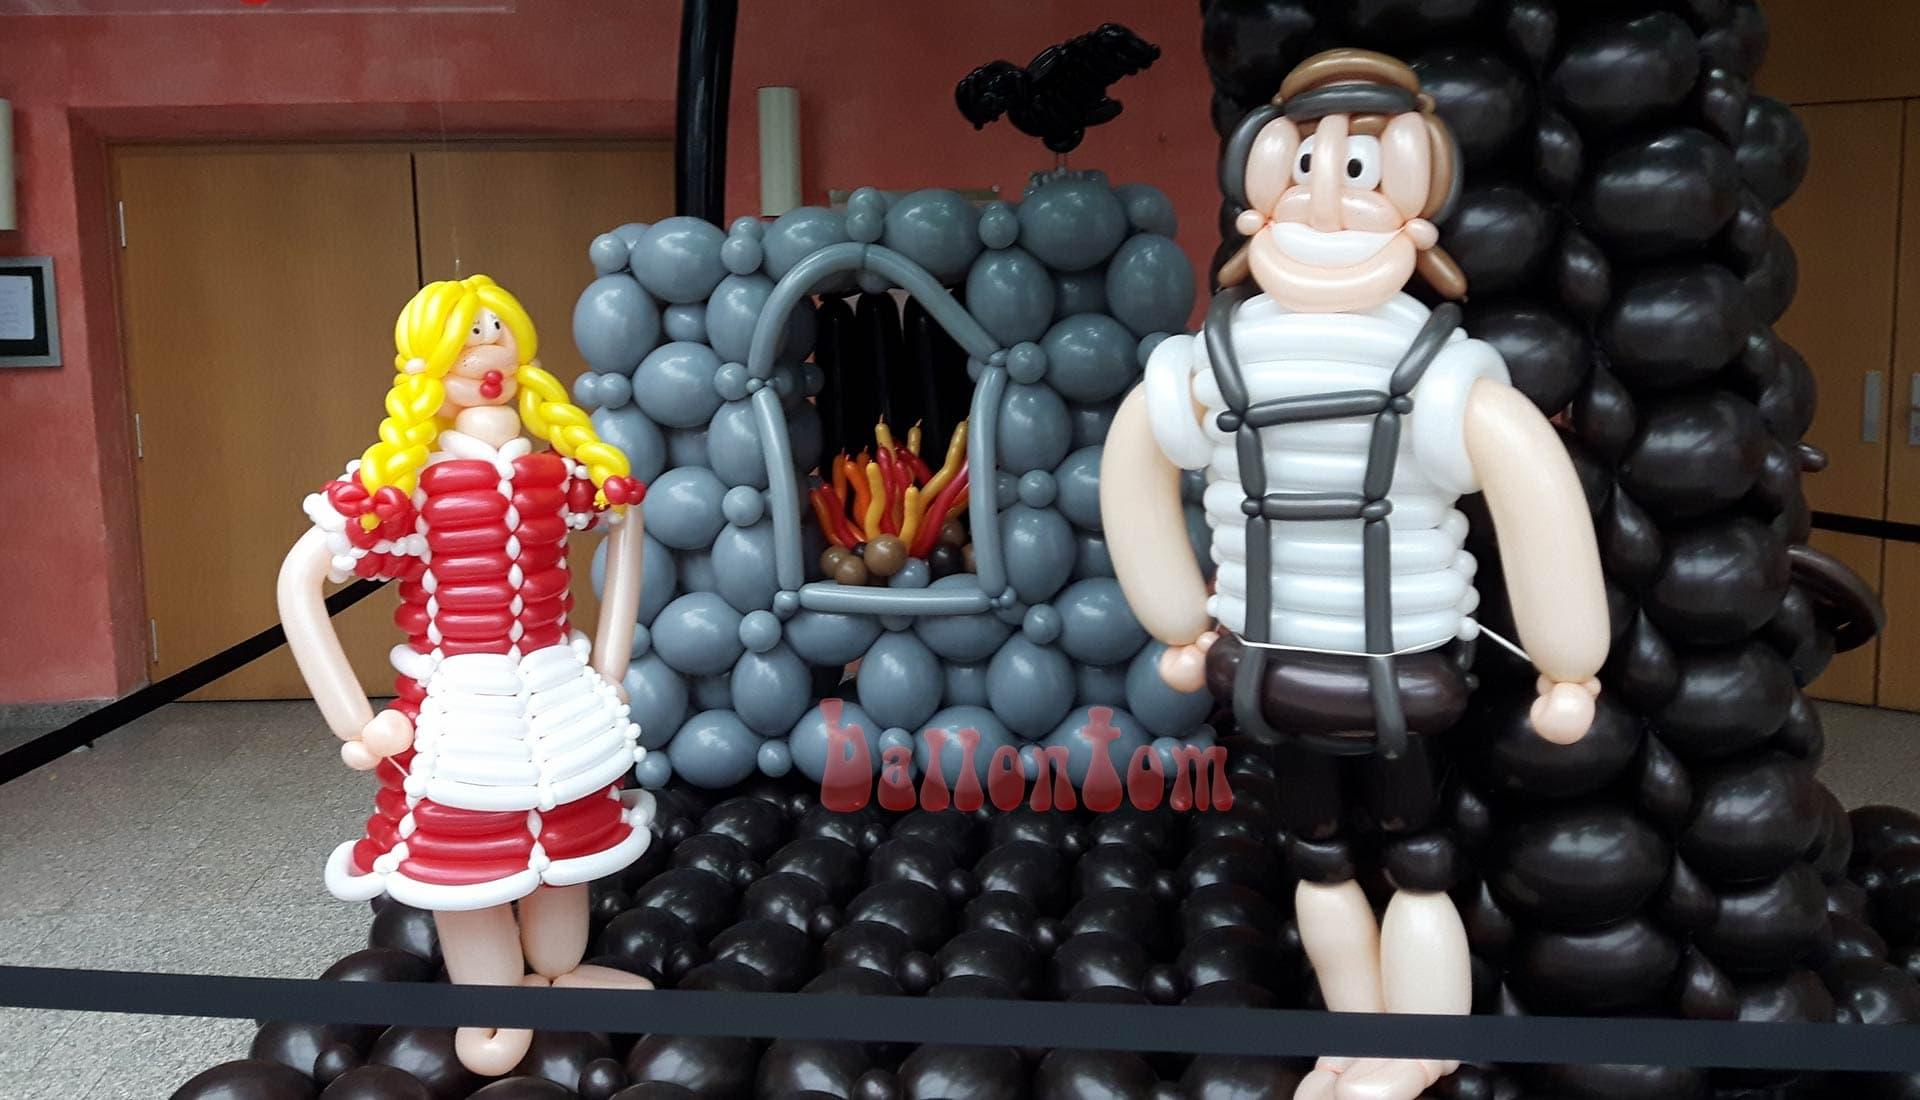 Ballonwelt zur Kinderoper Hensel und Gretel in Unterschleißheim Nähe München - Bild: Hensel mit seiner Gretel vor dem Ofen der Hexe